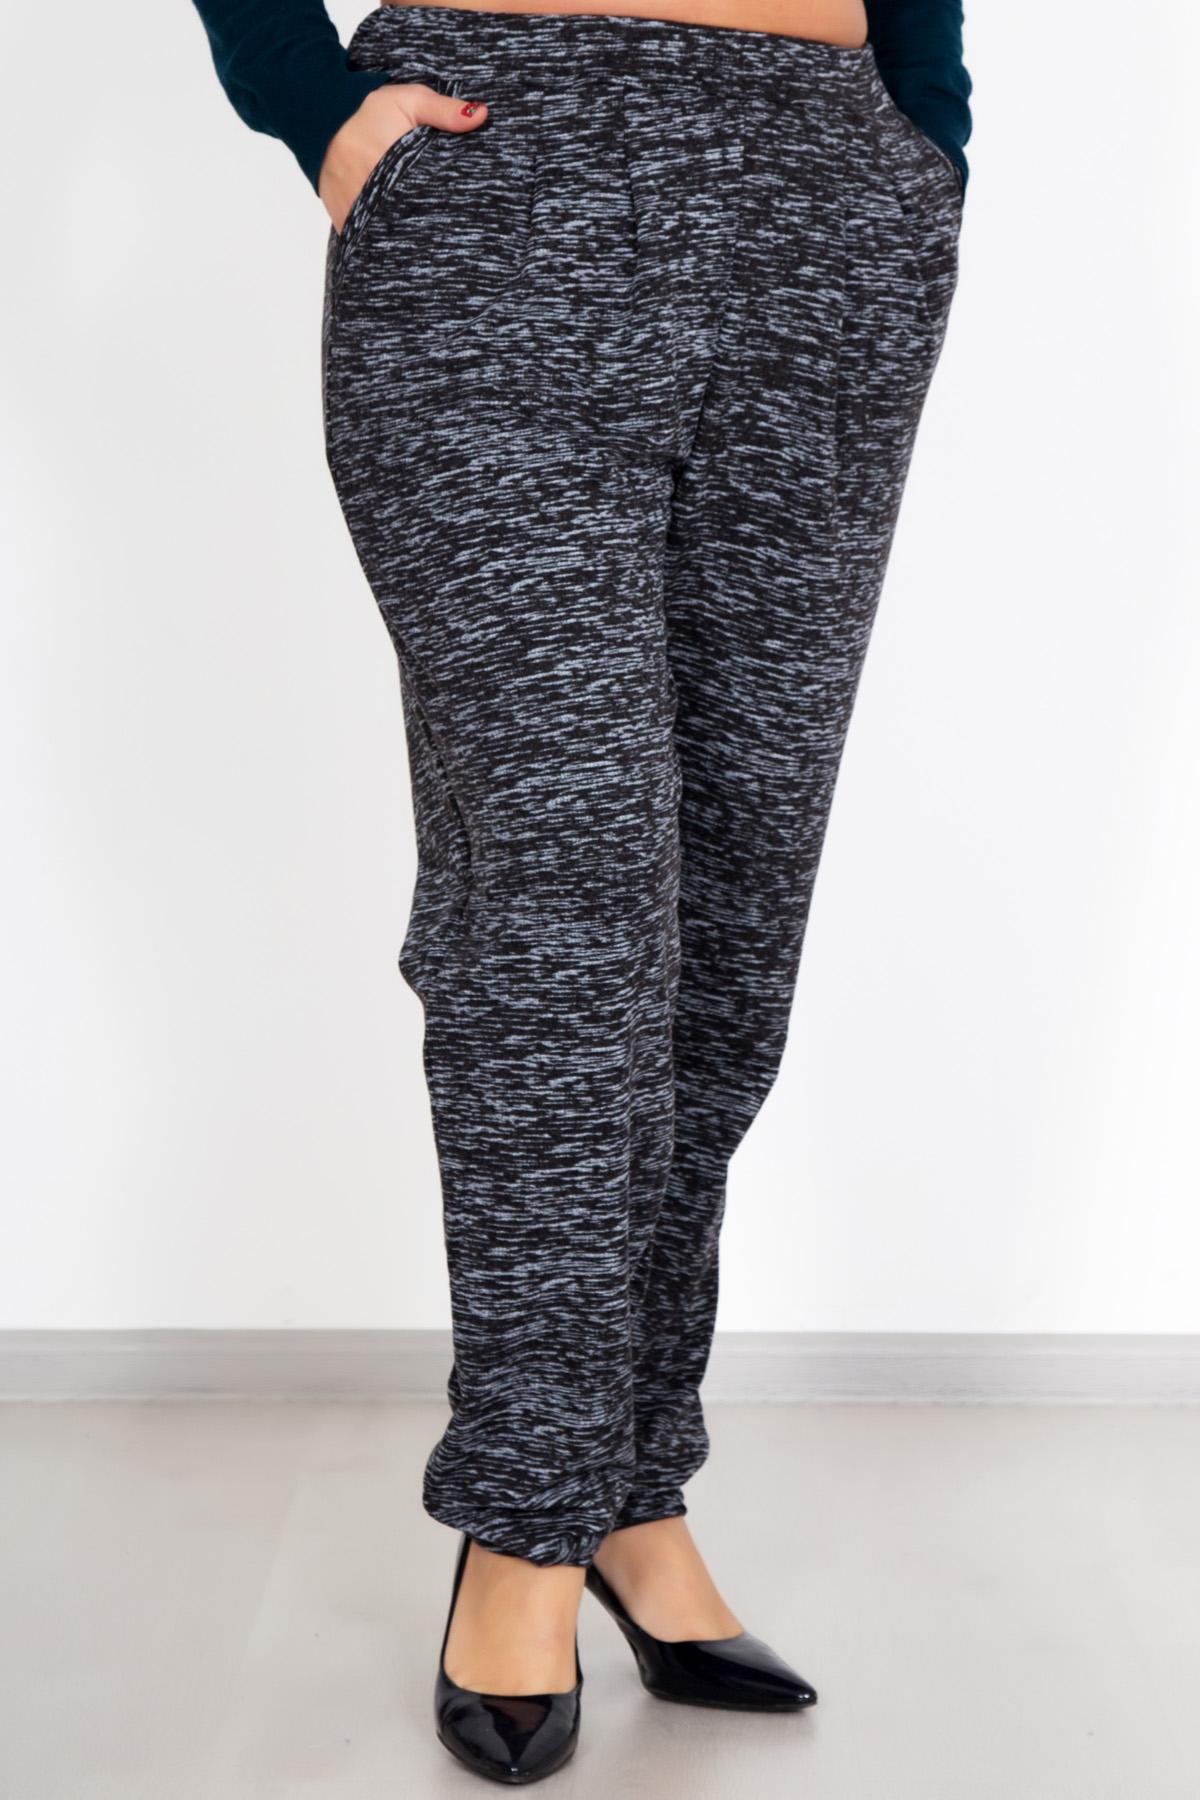 Жен. брюки Элаиза р. 46Распродажа женской одежды<br>Обхват груди: 92 см <br>Обхват талии: 74 см <br>Обхват бедер: 100 см <br>Высота посадки: 26 см <br>Длина брючин по внут. шву: 72 см <br>Рост: 167 см<br><br>Тип: Жен. брюки<br>Размер: 46<br>Материал: Футер